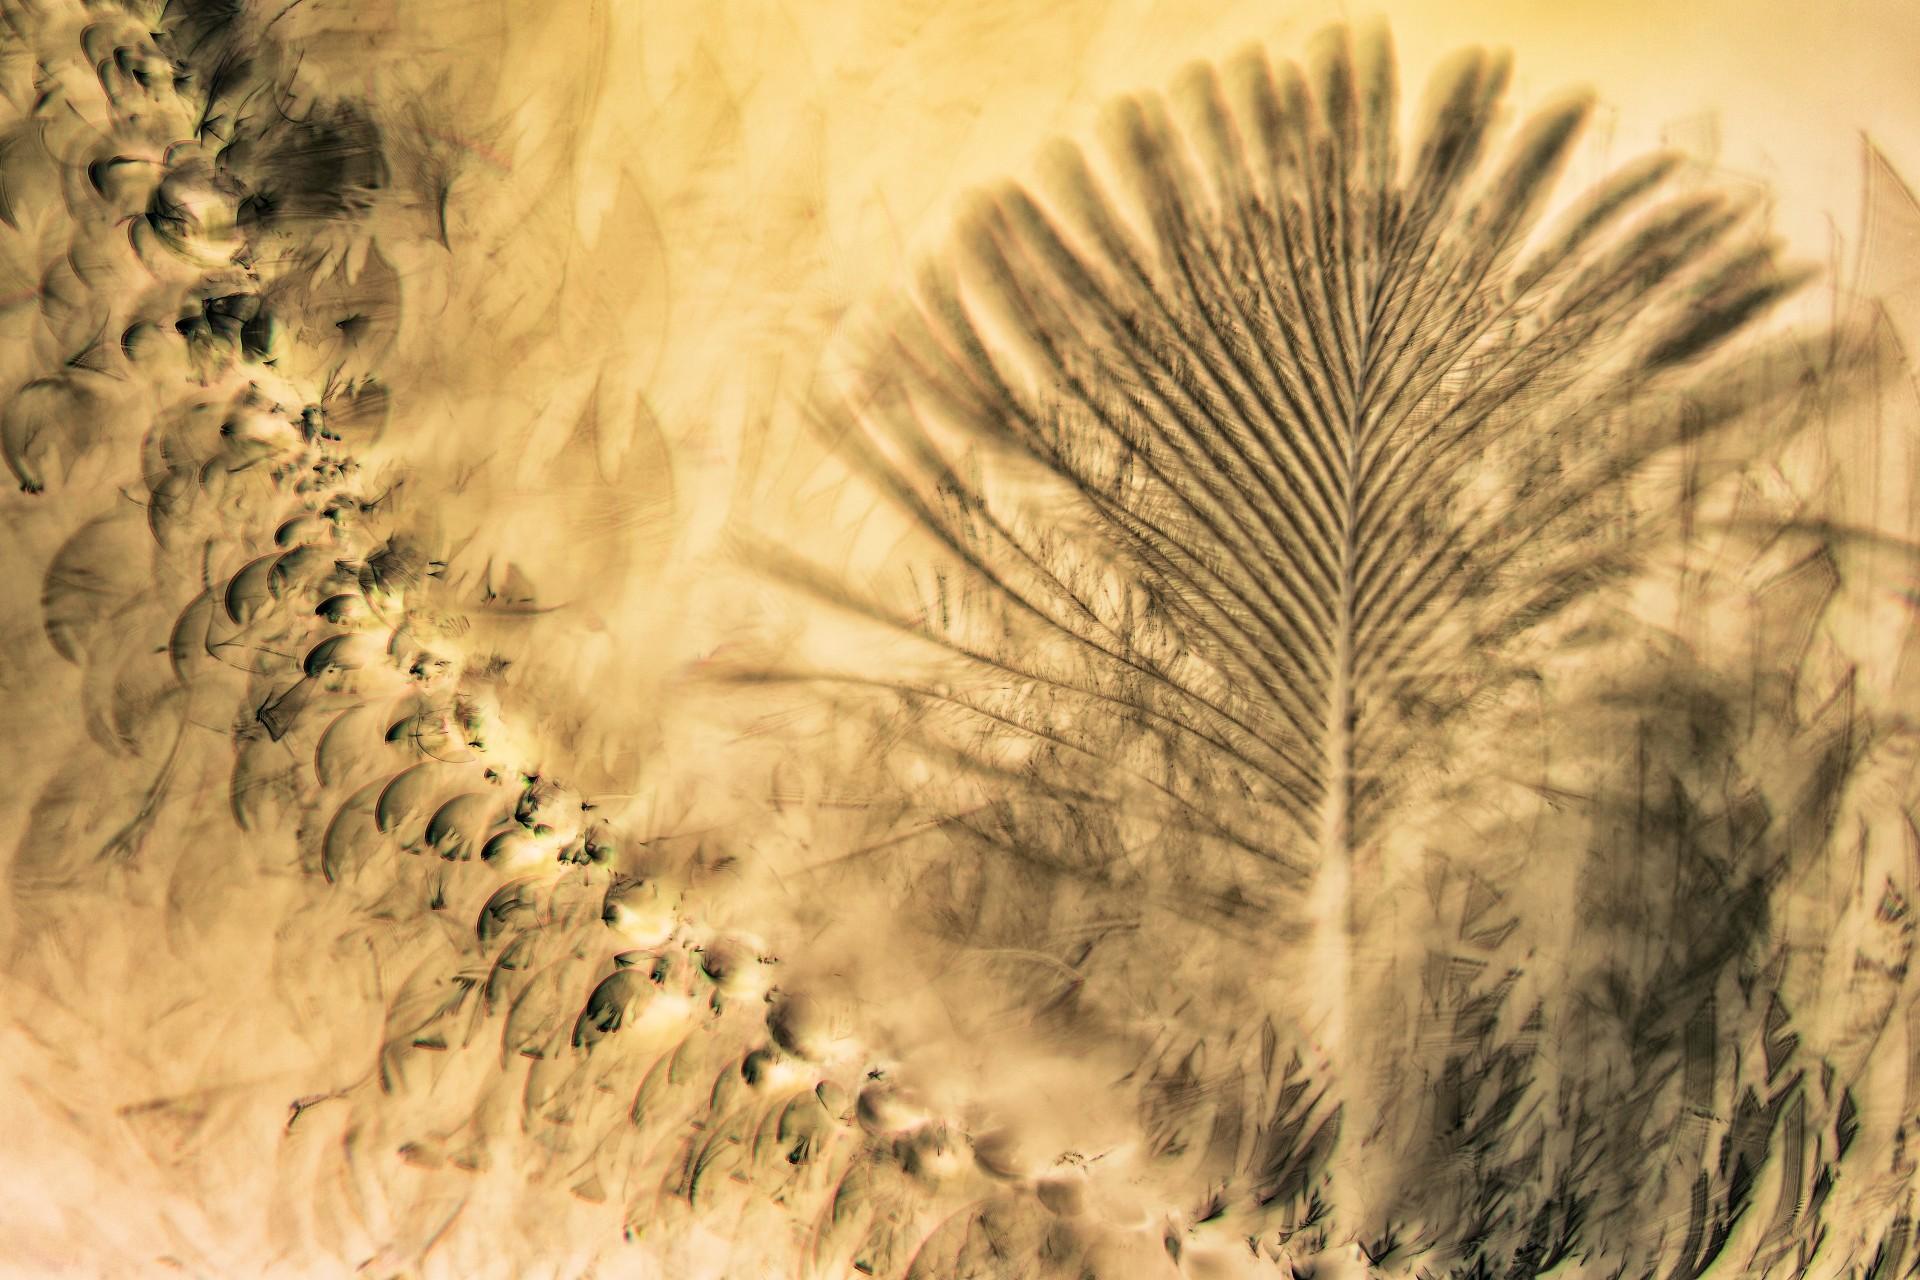 Fotó: Dr. Nagy Edit: Eldoradó<br />Kategória: Kompozíció, forma és kísérletezés<br />Helyezés: 3. díj<br /><br />Reggeli harmatos pókhálóba ragadt pihe a fenyőfa ágai között egy nyárvégi reggelen, inverz színű képen. A kertünkben a fenyőfán készült a kép fordítógyűrűvel. A kép finom részletei és aranyba hajló színvilága különösen megragadták a fantáziám. A toll számos indián kultúrában fontos szimbólum, összhatásában a kép megcsillantja Eldoradó aranyát, az eltűnt civilizáció misztériumát. Fotográfiáimban azt szeretem a legjobban, ha valamit szimbolikusan meg tudok fogalmazni, a természetben található képek segítségével.